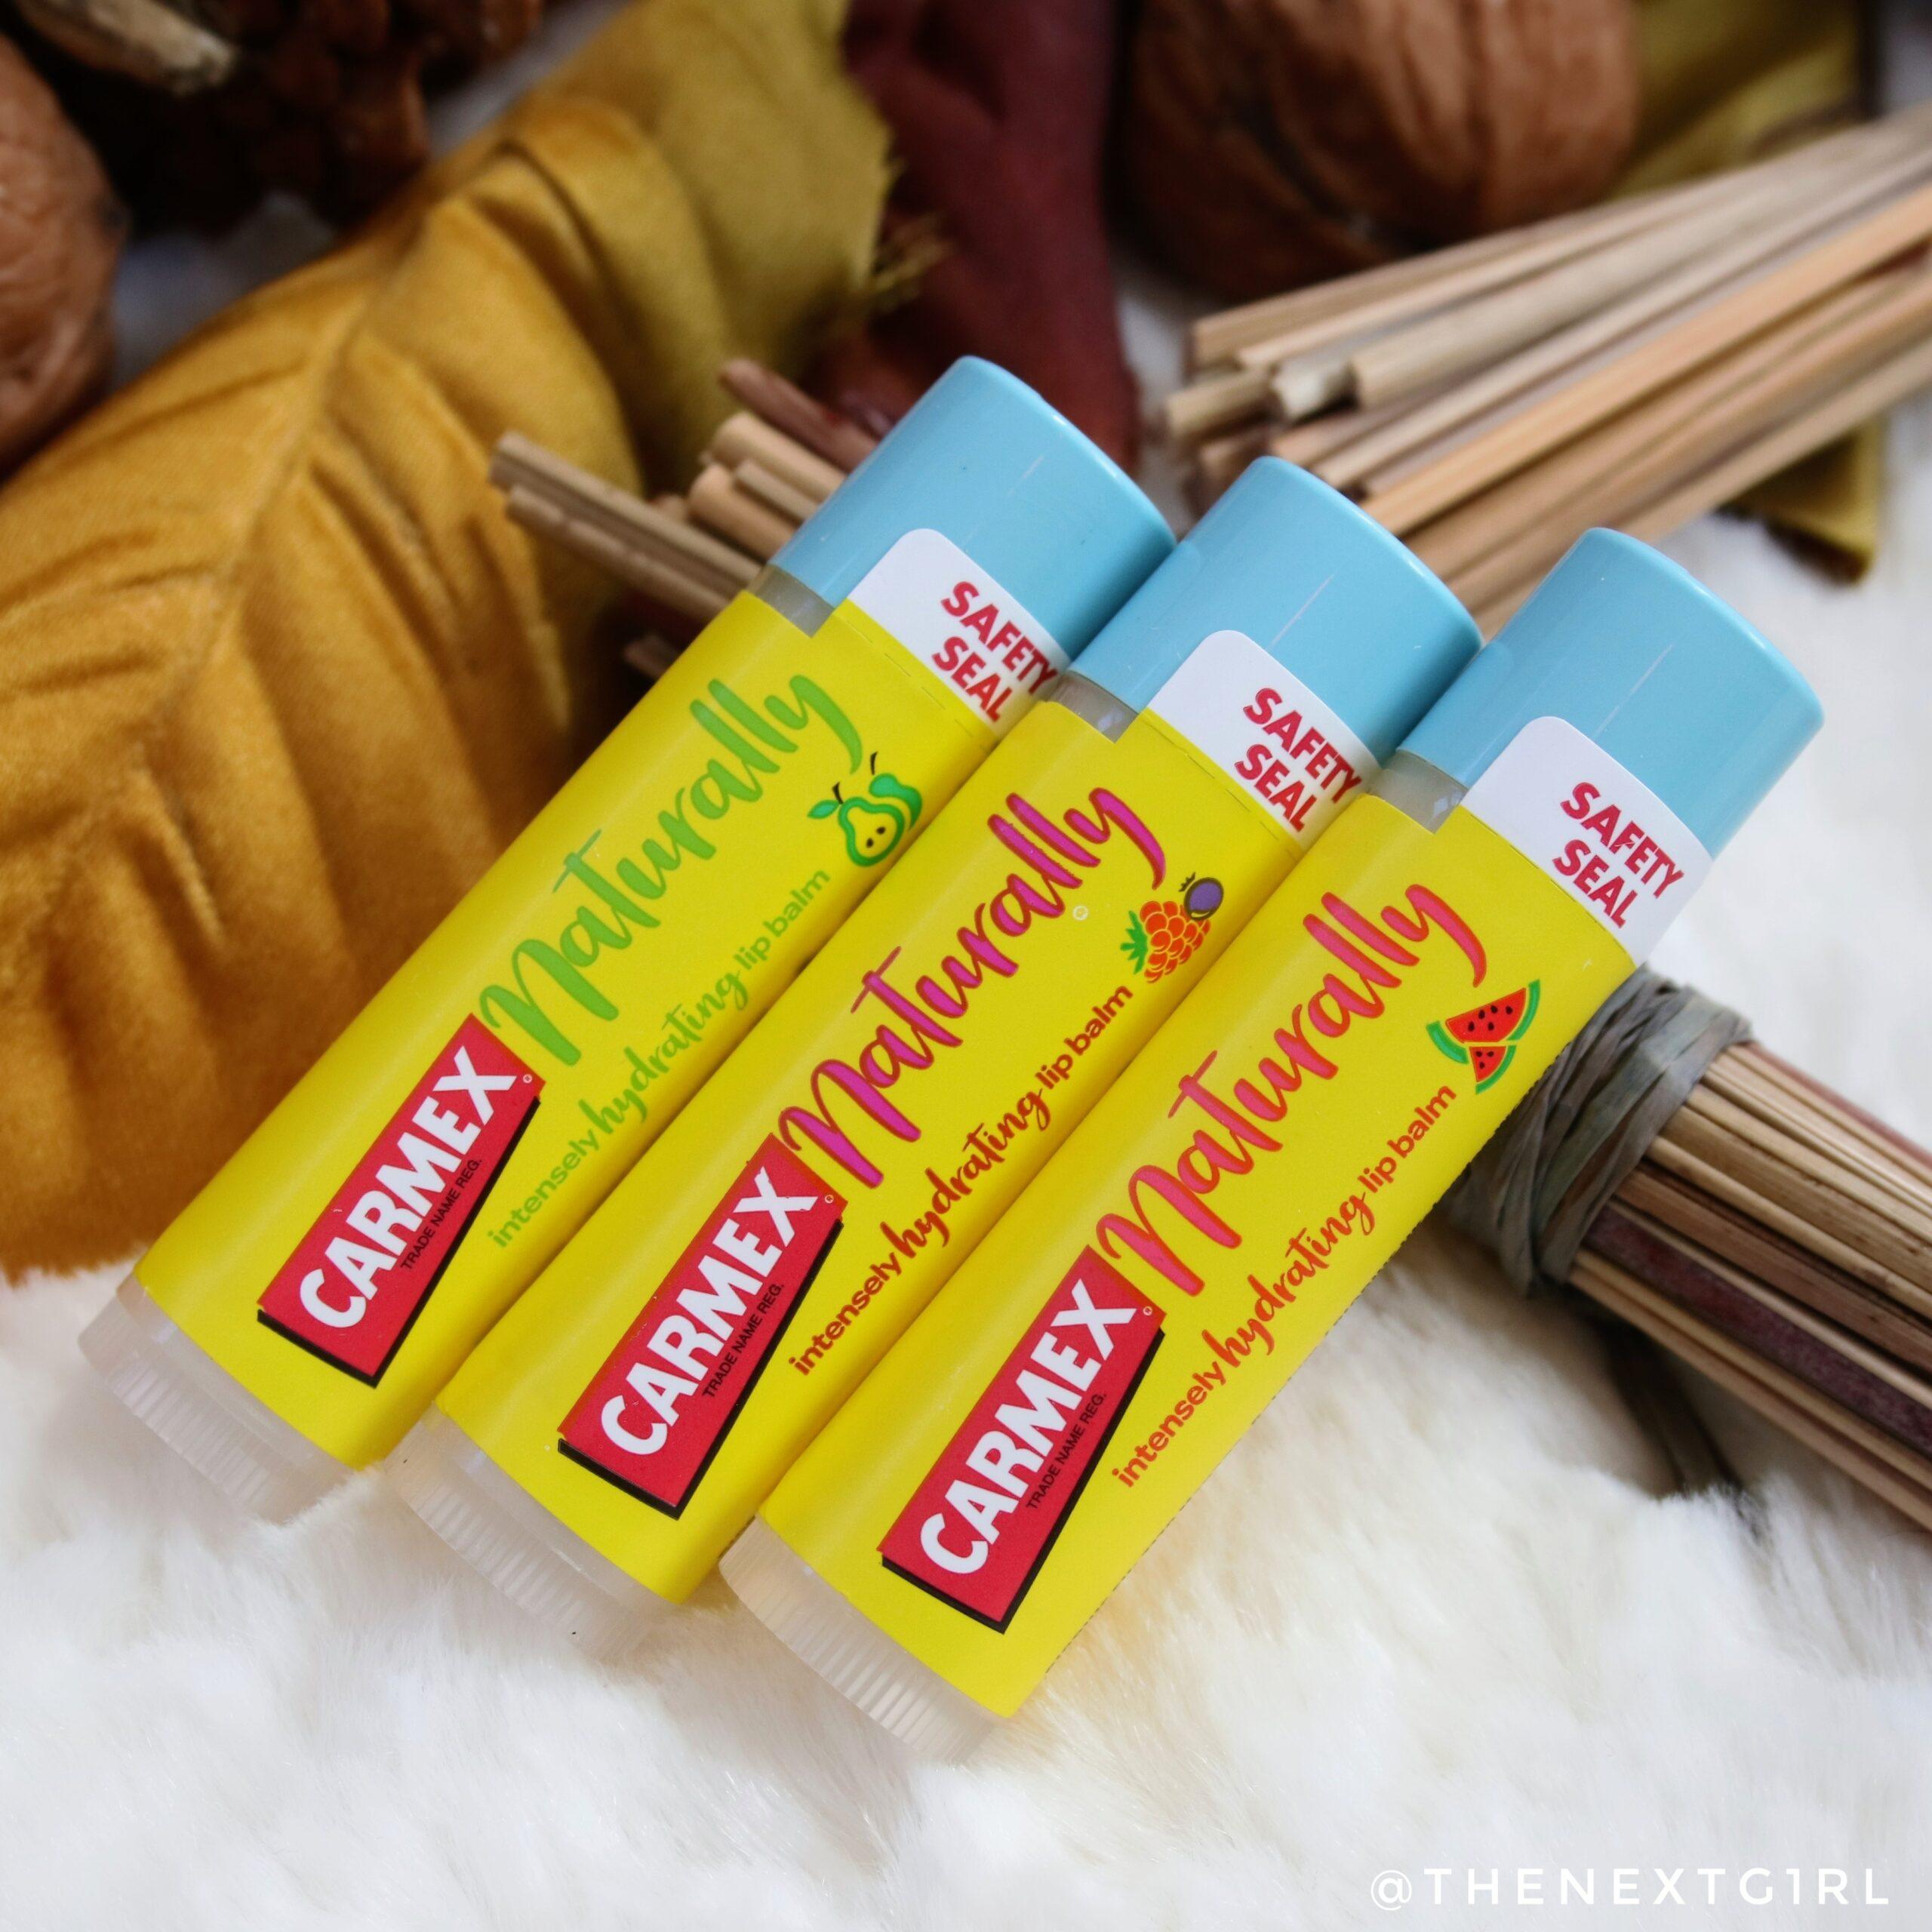 Carmex Naturally nieuwe smaken 2020